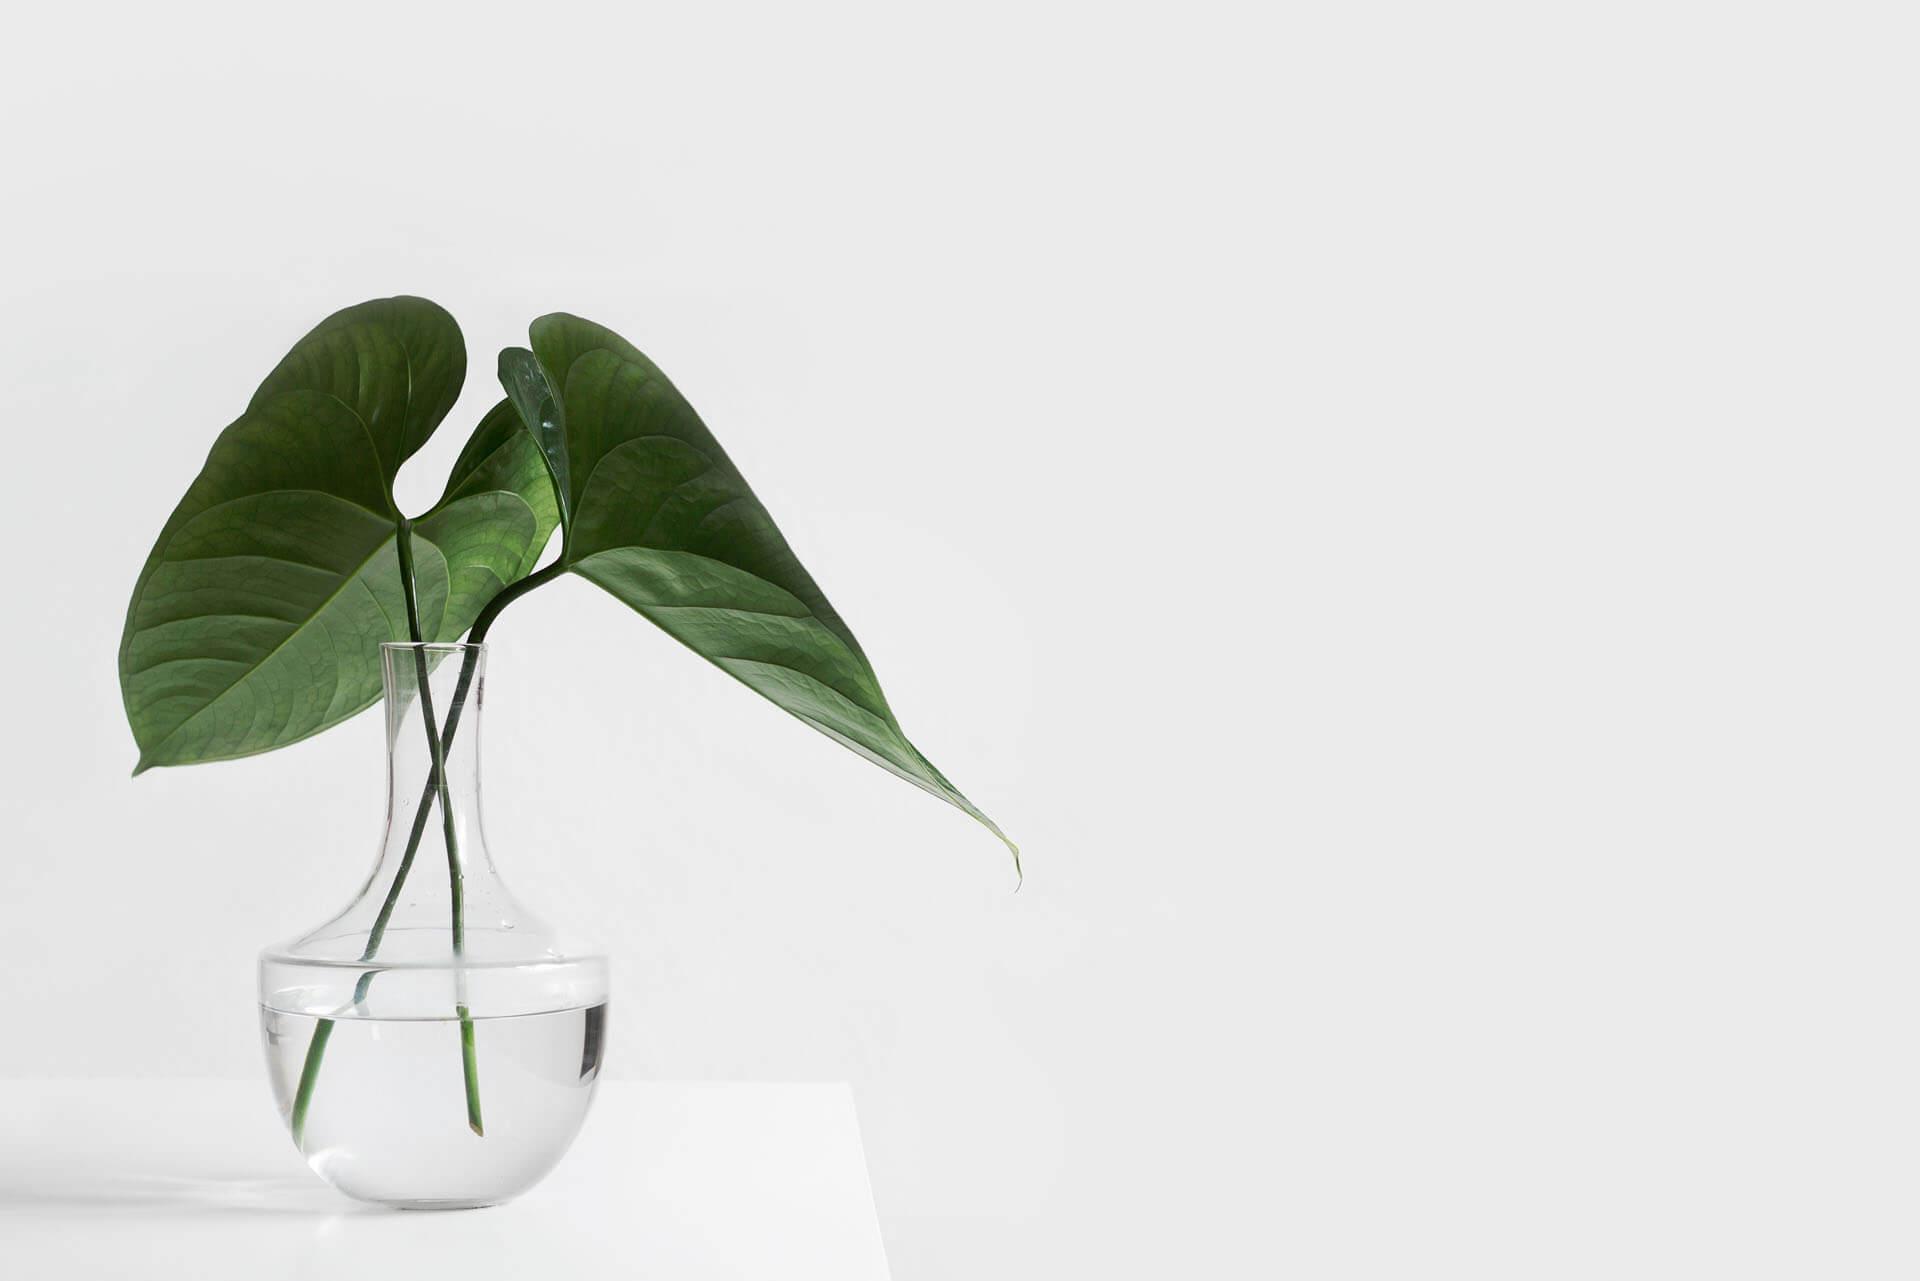 Hình nền trắng HD đơn giản với cây xanh